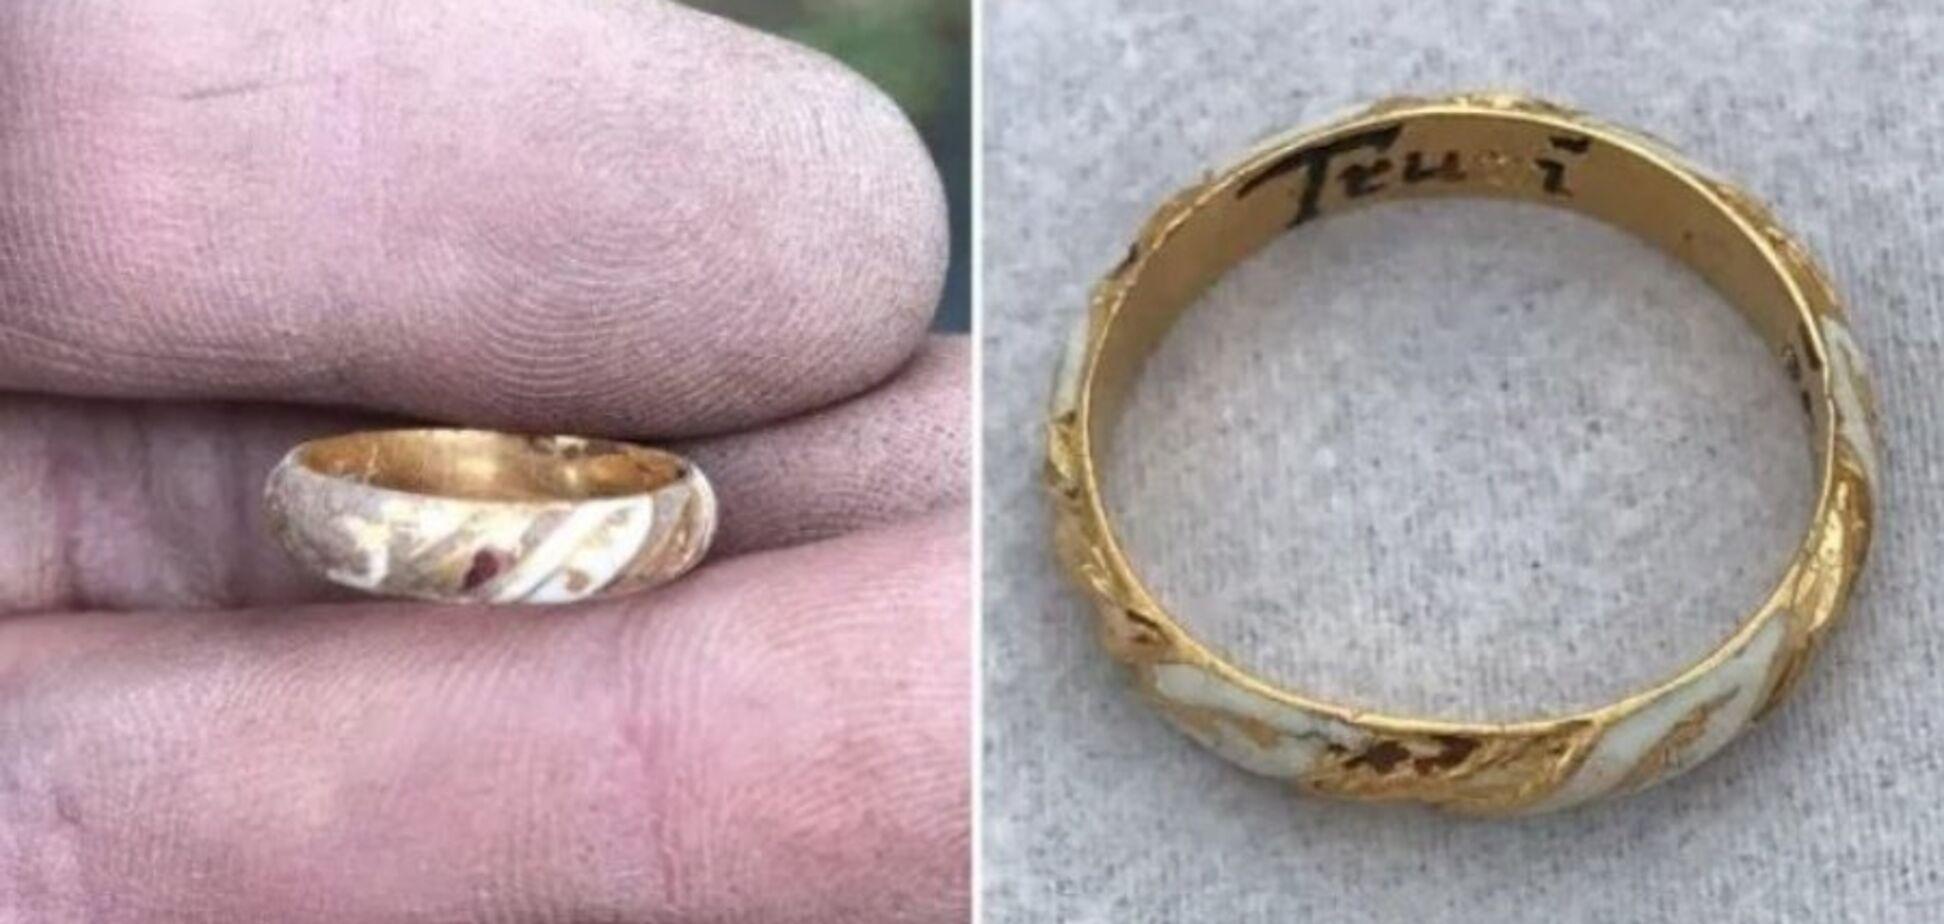 У Британії випадково знайшли унікальний перстень Шекспіра